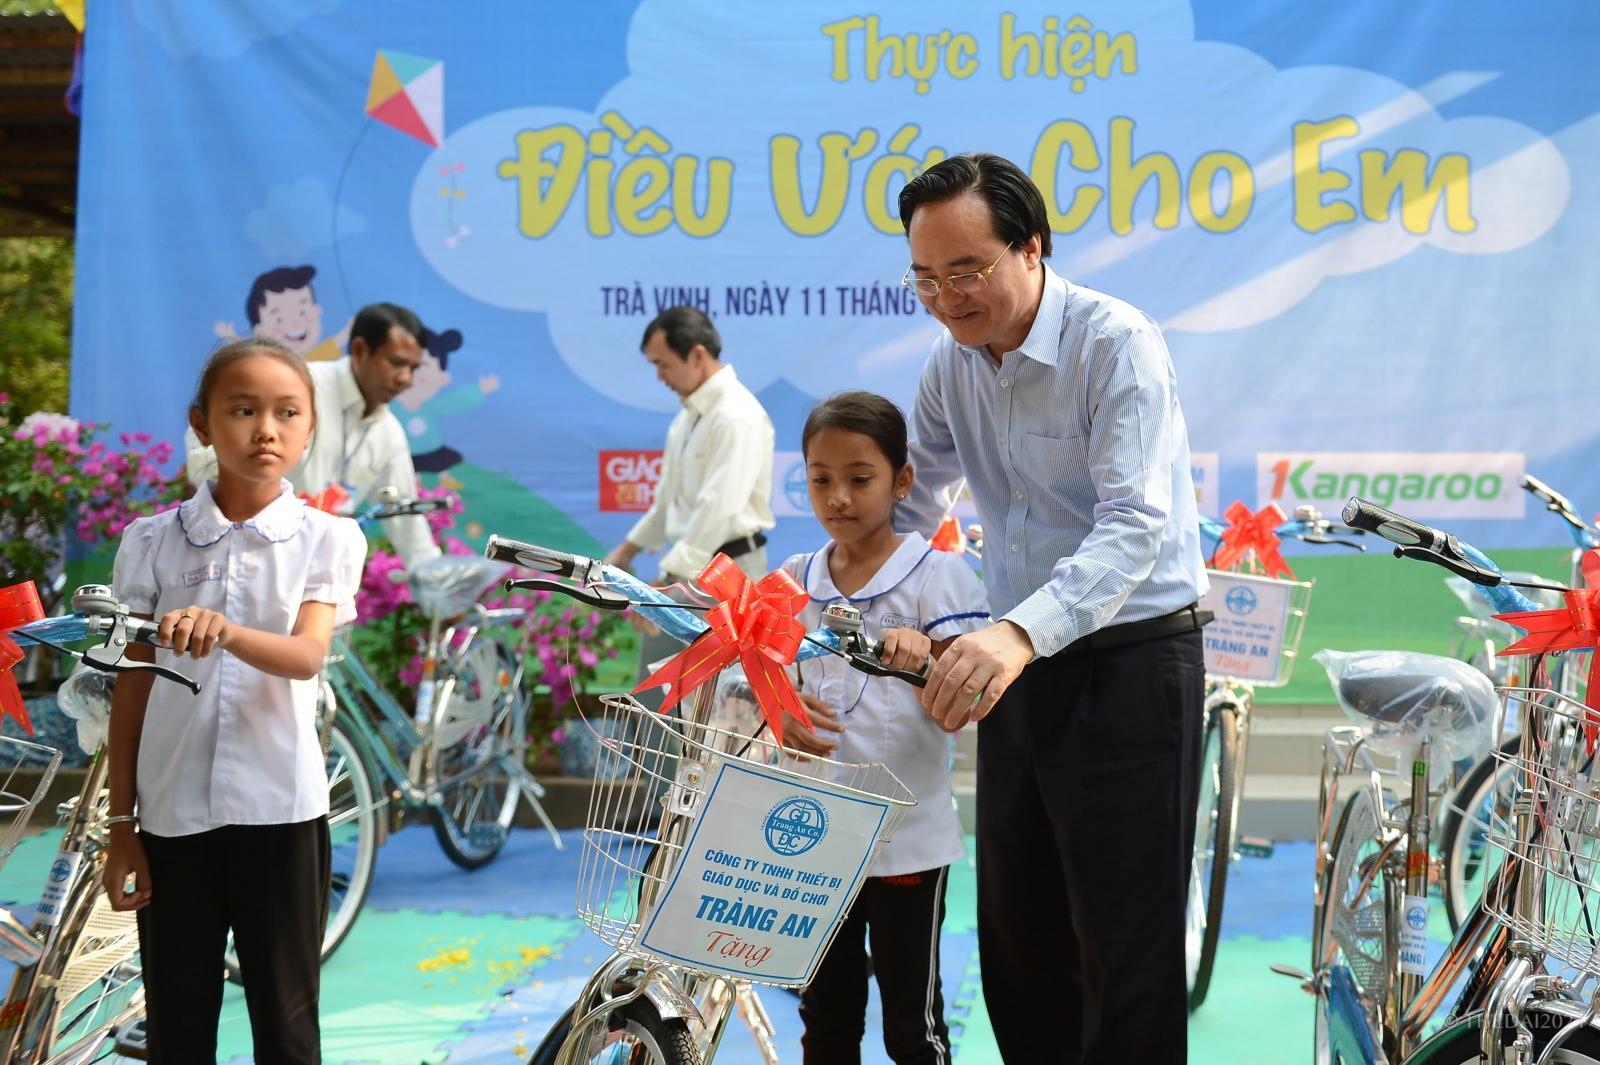 Bộ trưởng Bộ GD&ĐT Phùng Xuân Nhạ trao xe đạp cho HS nghèo Trường TH Đa Lộc A, huyện Châu Thành (Trà Vinh). Ảnh: Thế Đại.